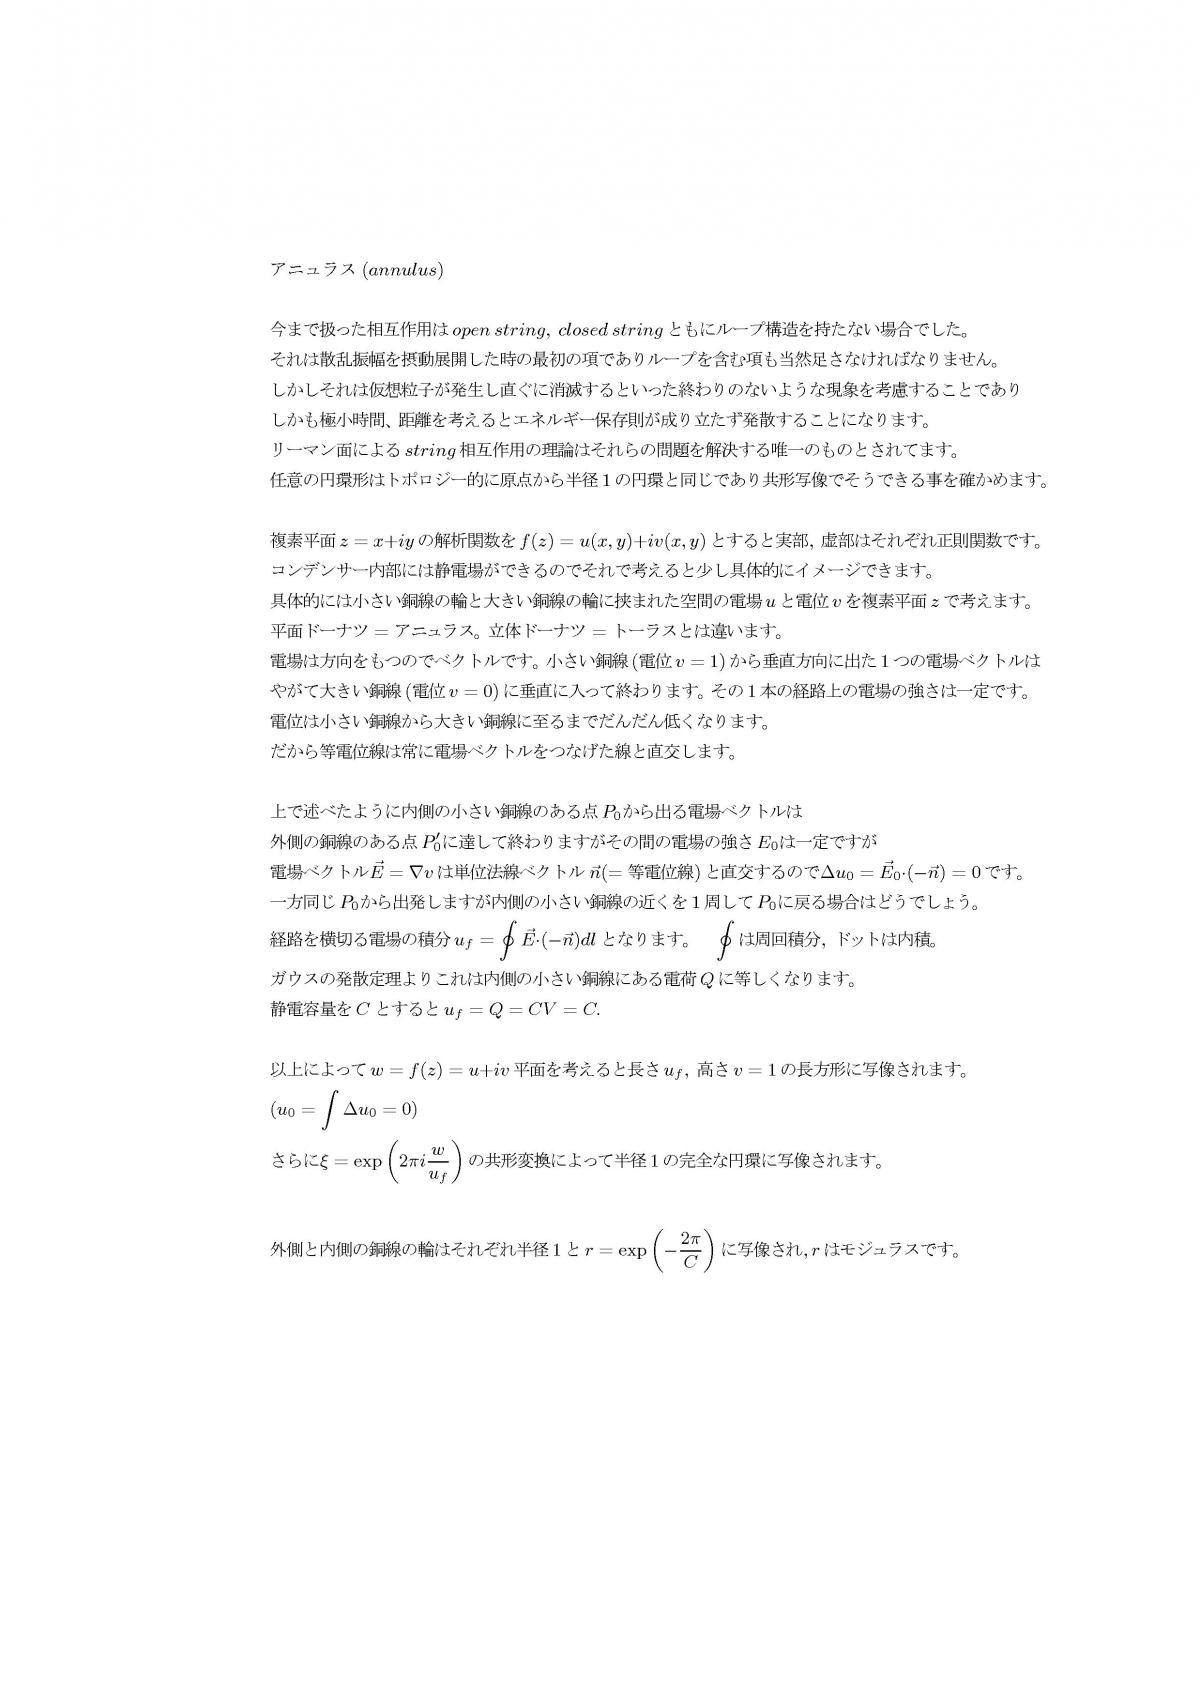 pgen51a.jpg